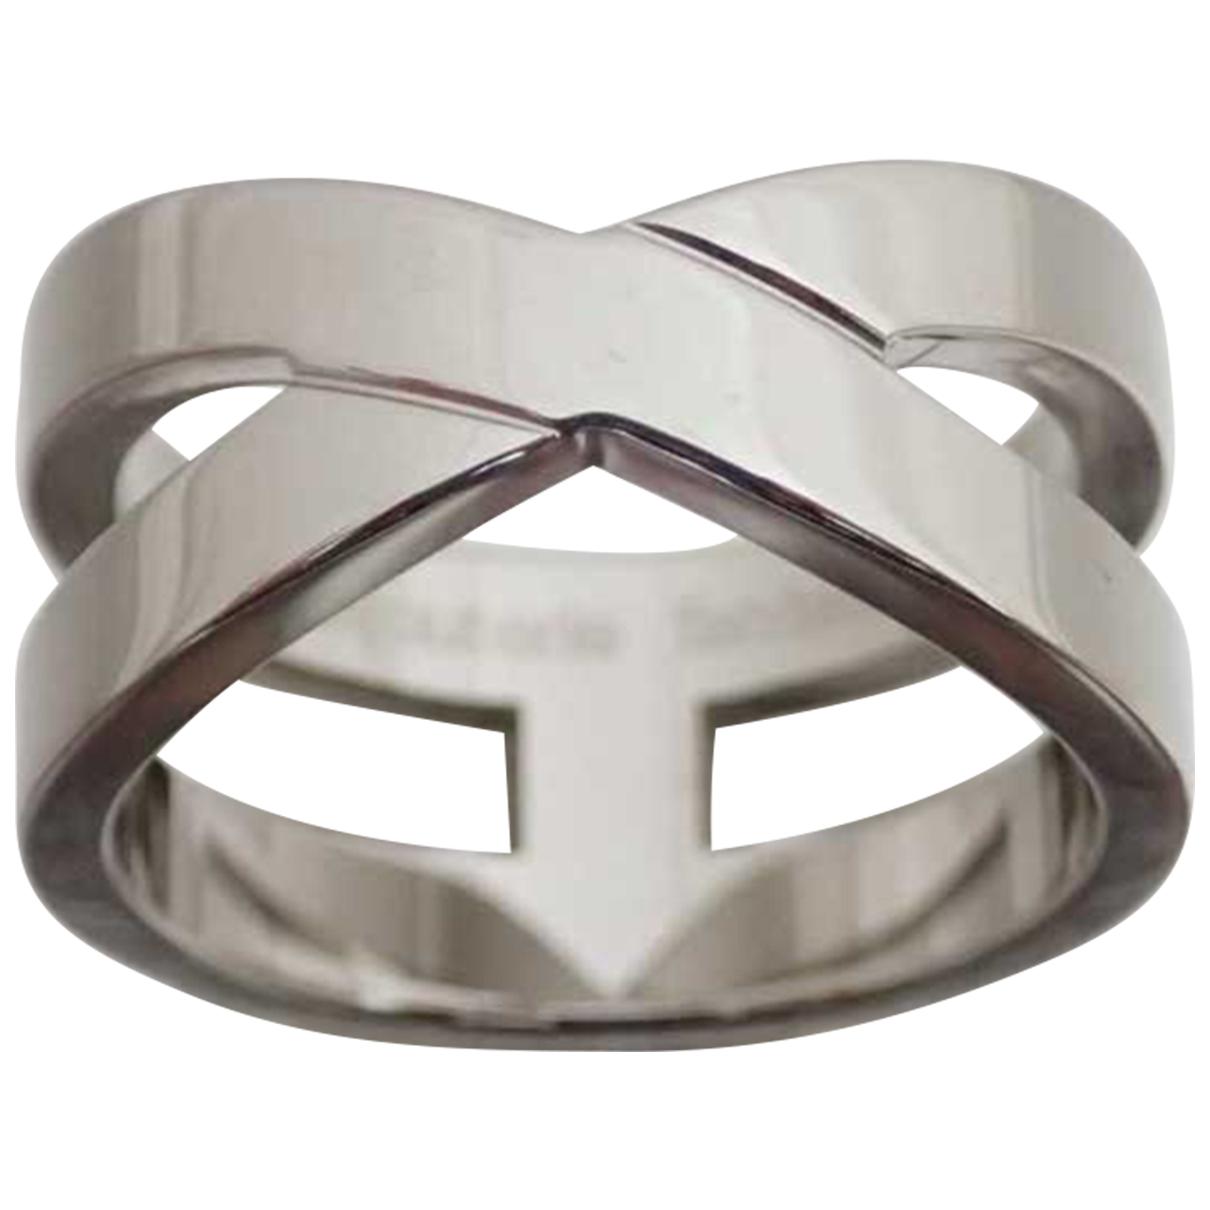 Hermes - Bague   pour femme en metal - argente